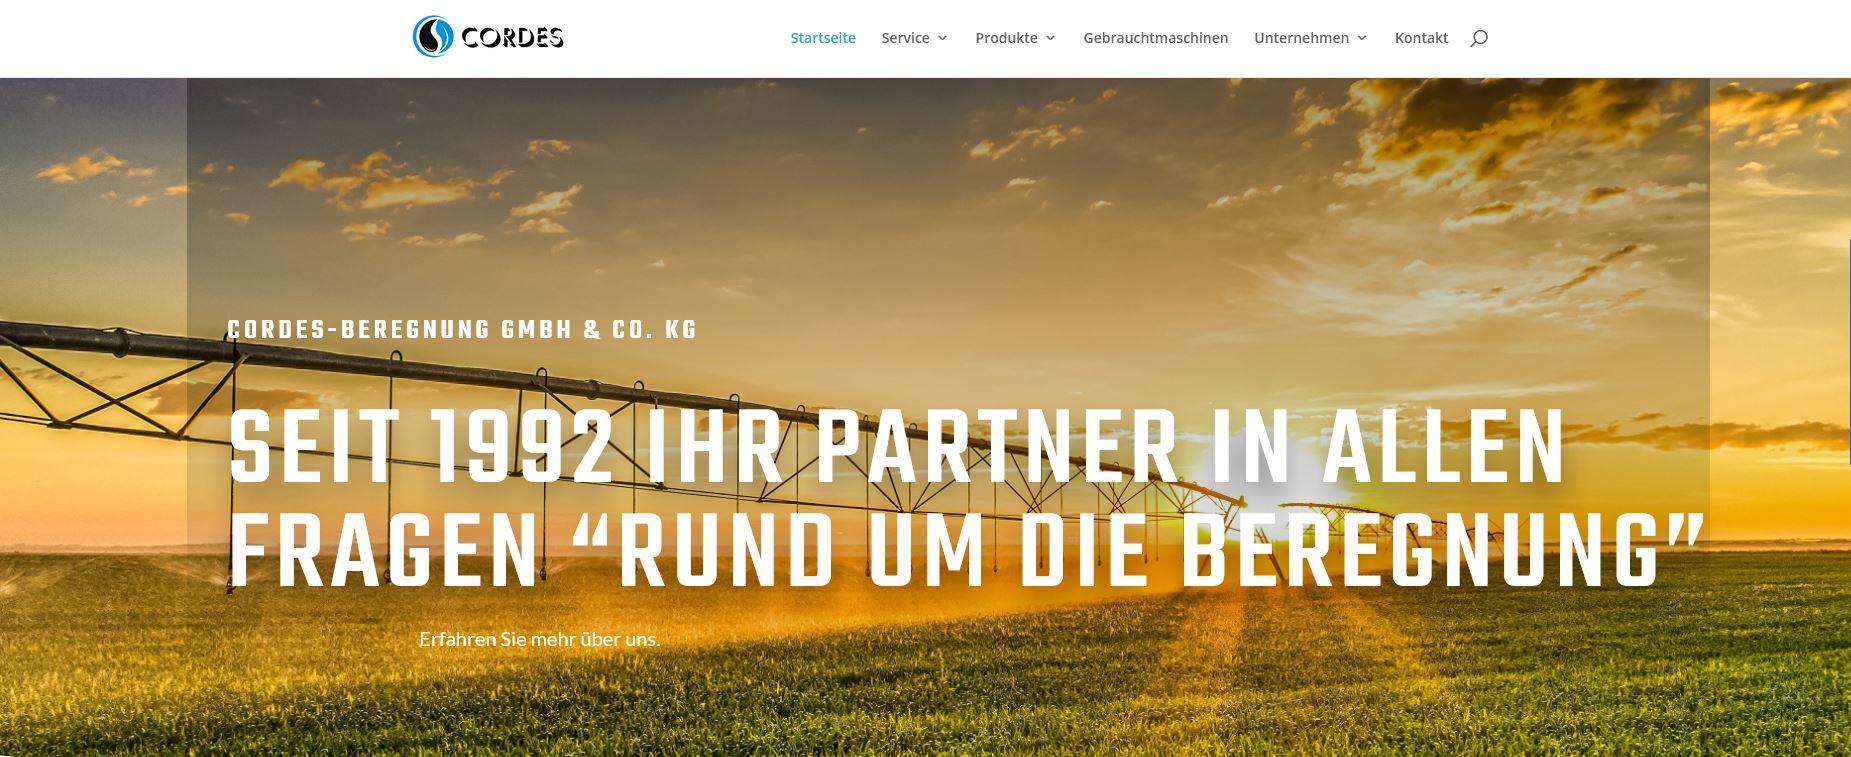 Banner der Startseite der Cordes-Beregnung GmbH & Co. KG Homepage